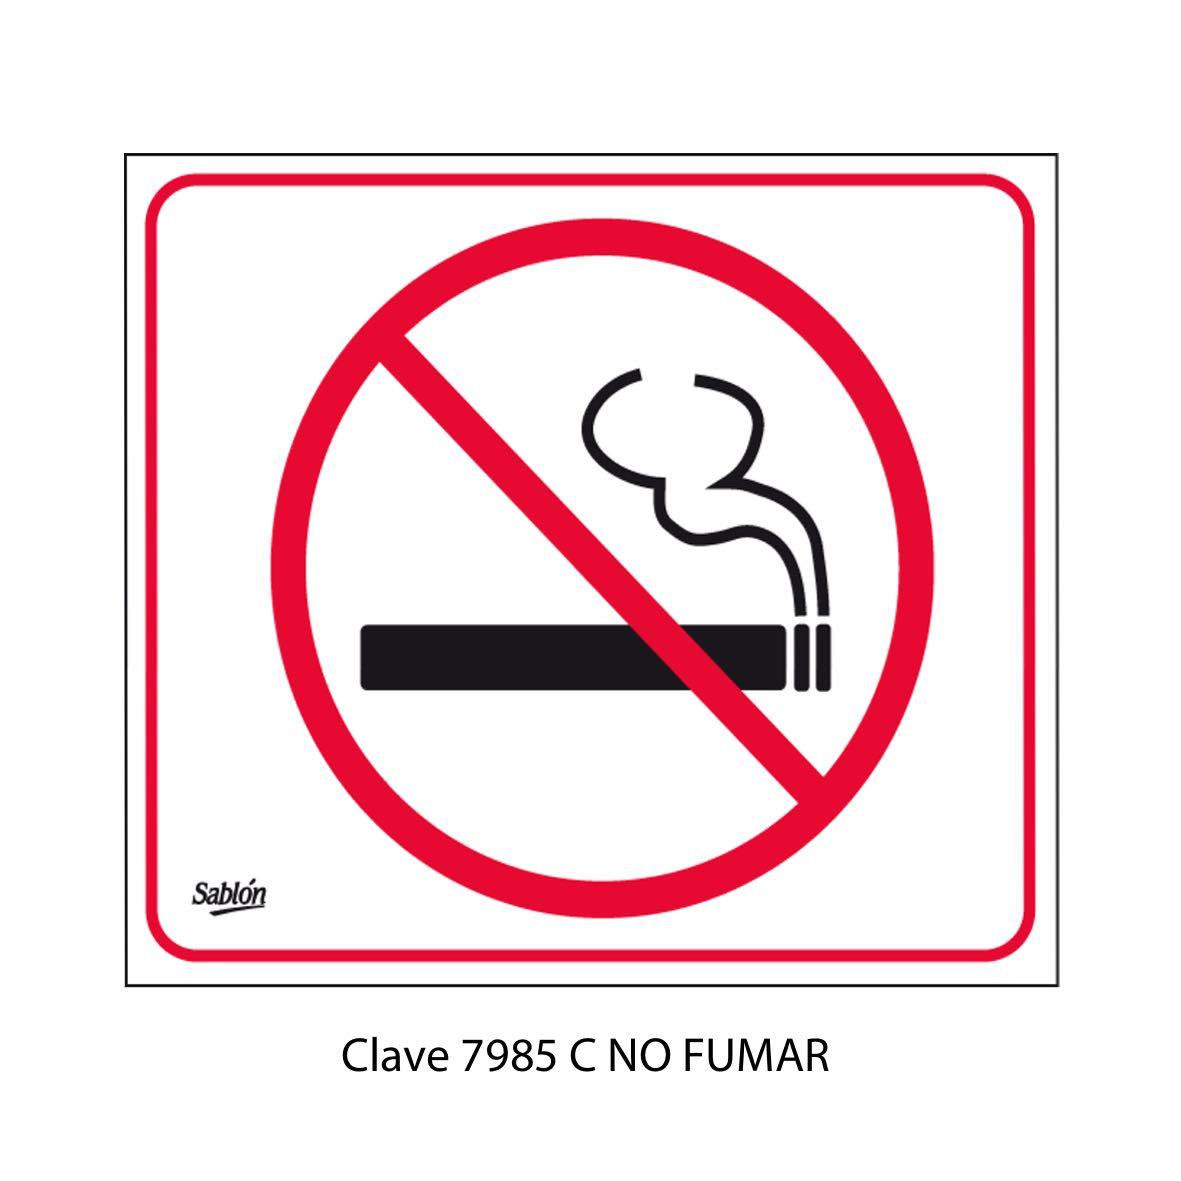 Señal No Fumar Modelo 7985 C - Sablón